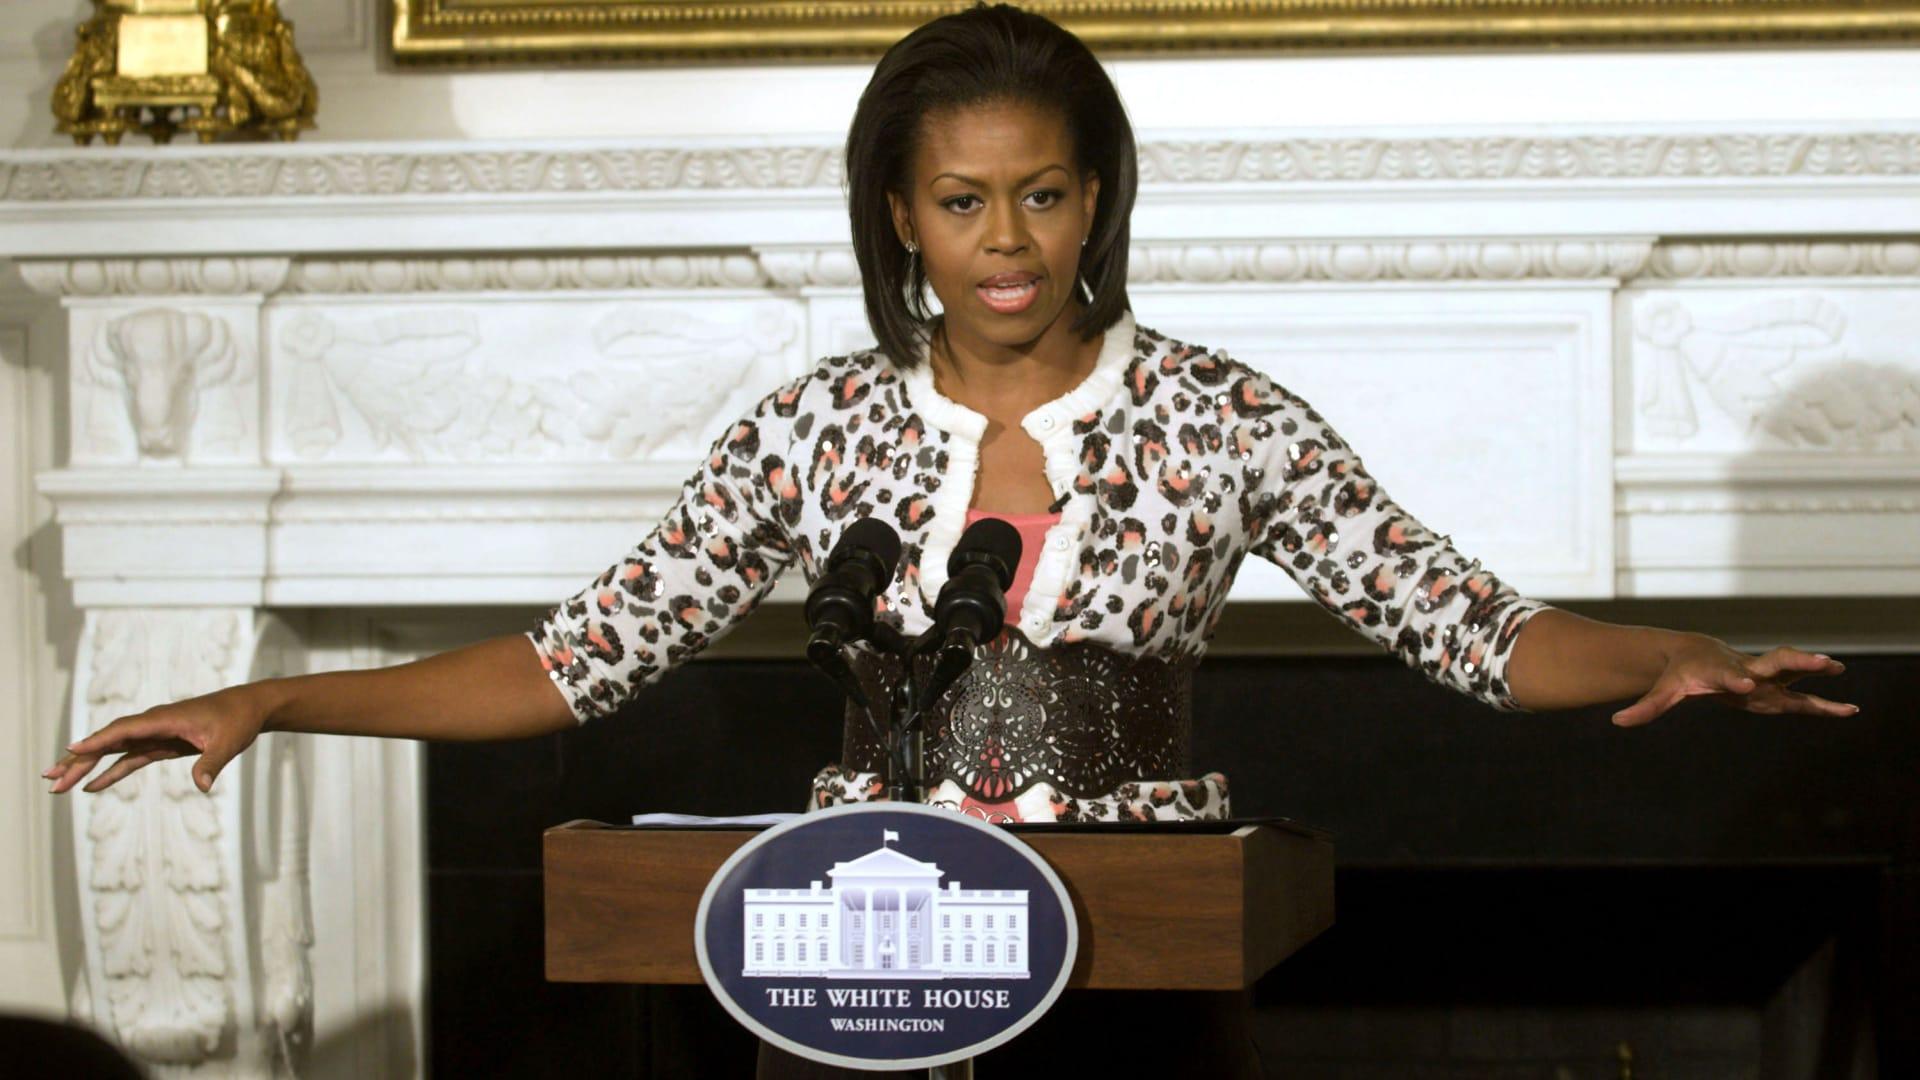 ميشيل أوباما ترتدي سترة بطبعة جلد الفهد في العام 2009.